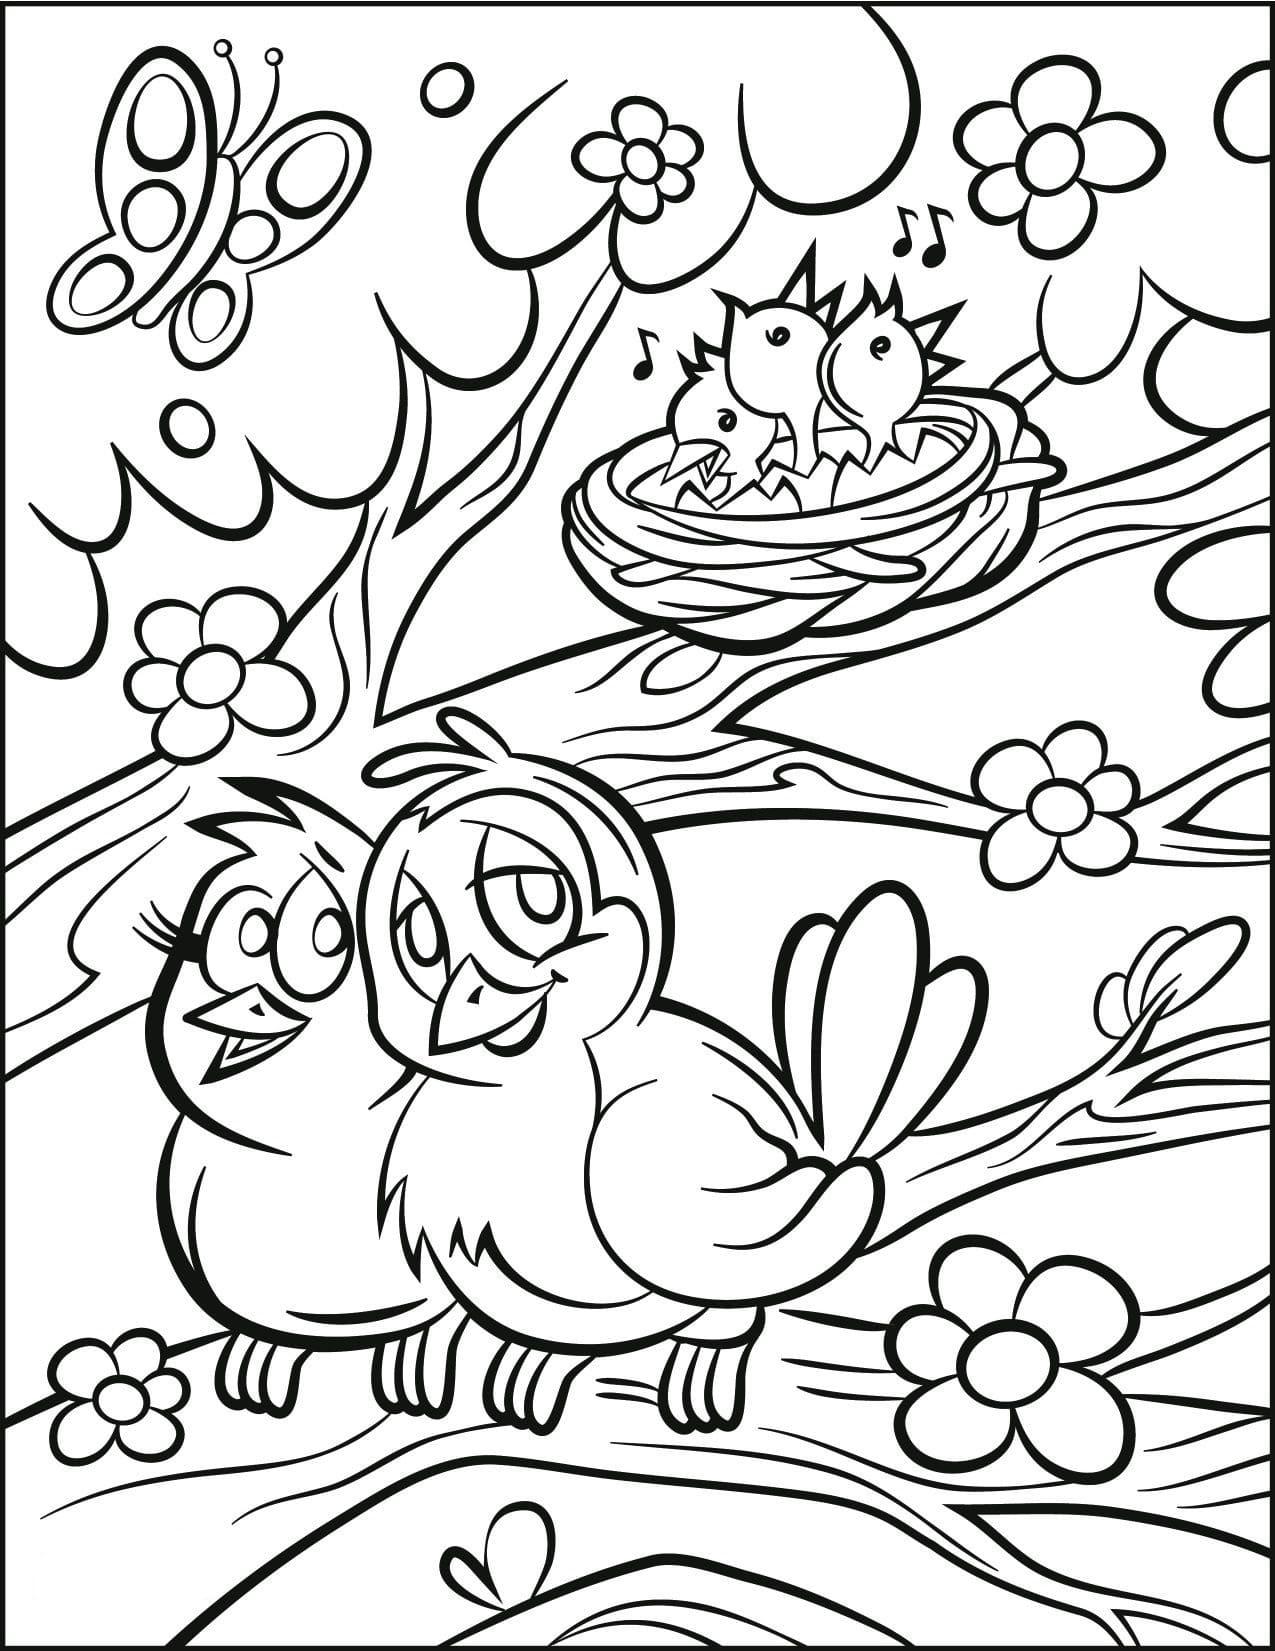 Dibujos para colorear de Primavera. Imprima gratis, 70 imágenes